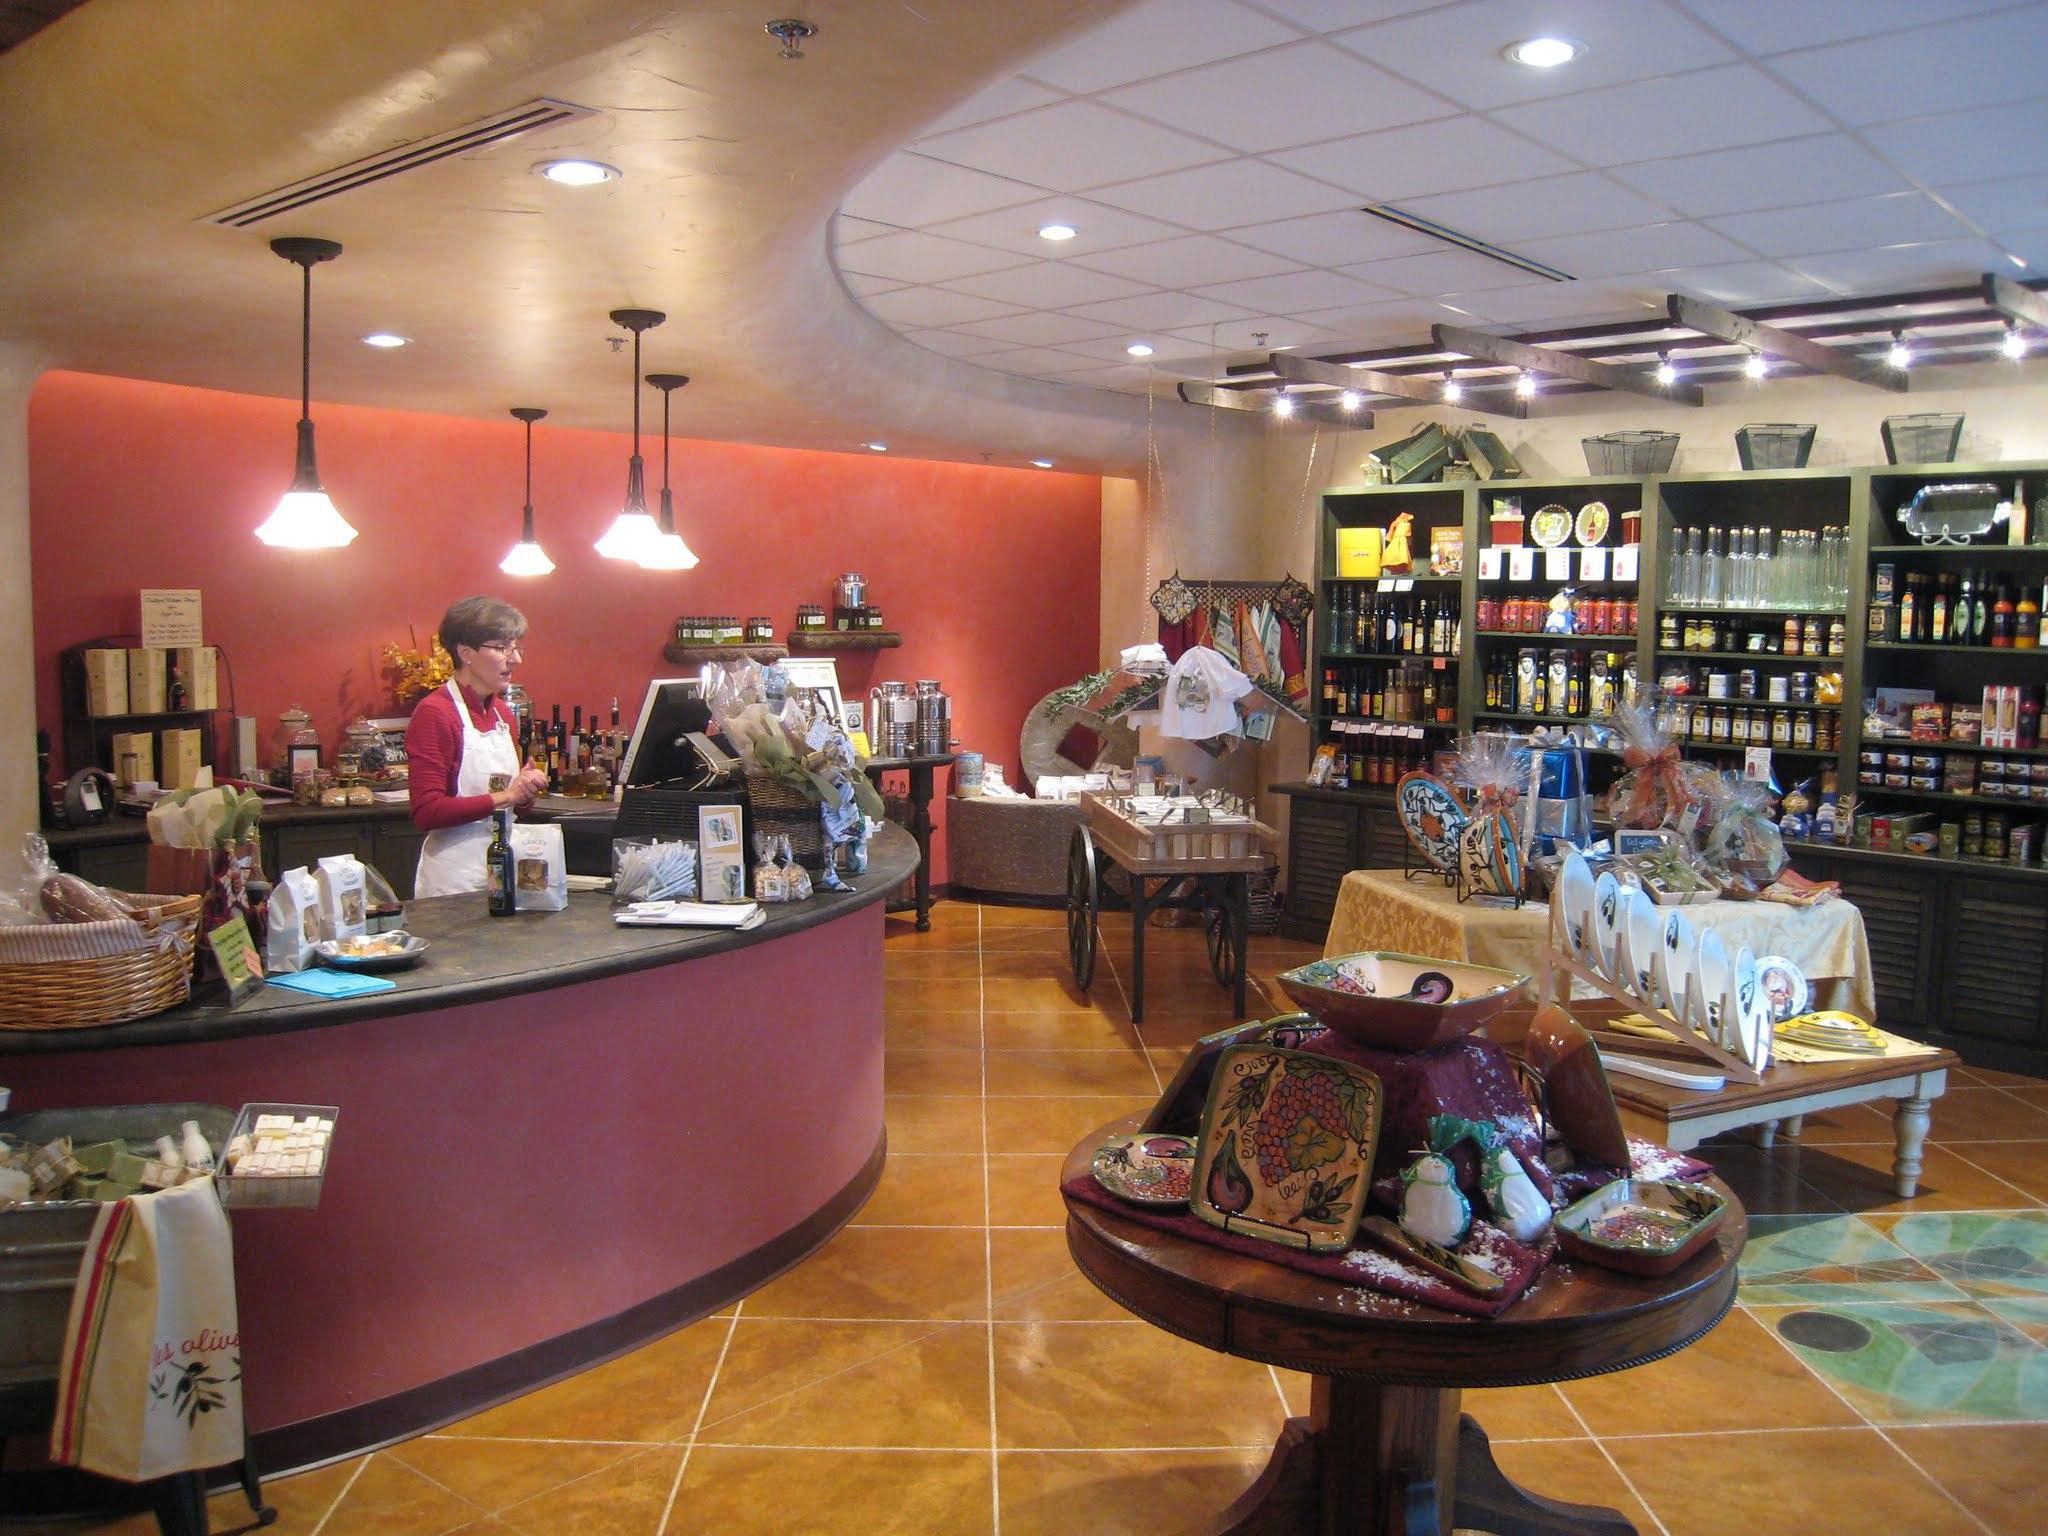 olive ovation service counter.jpg